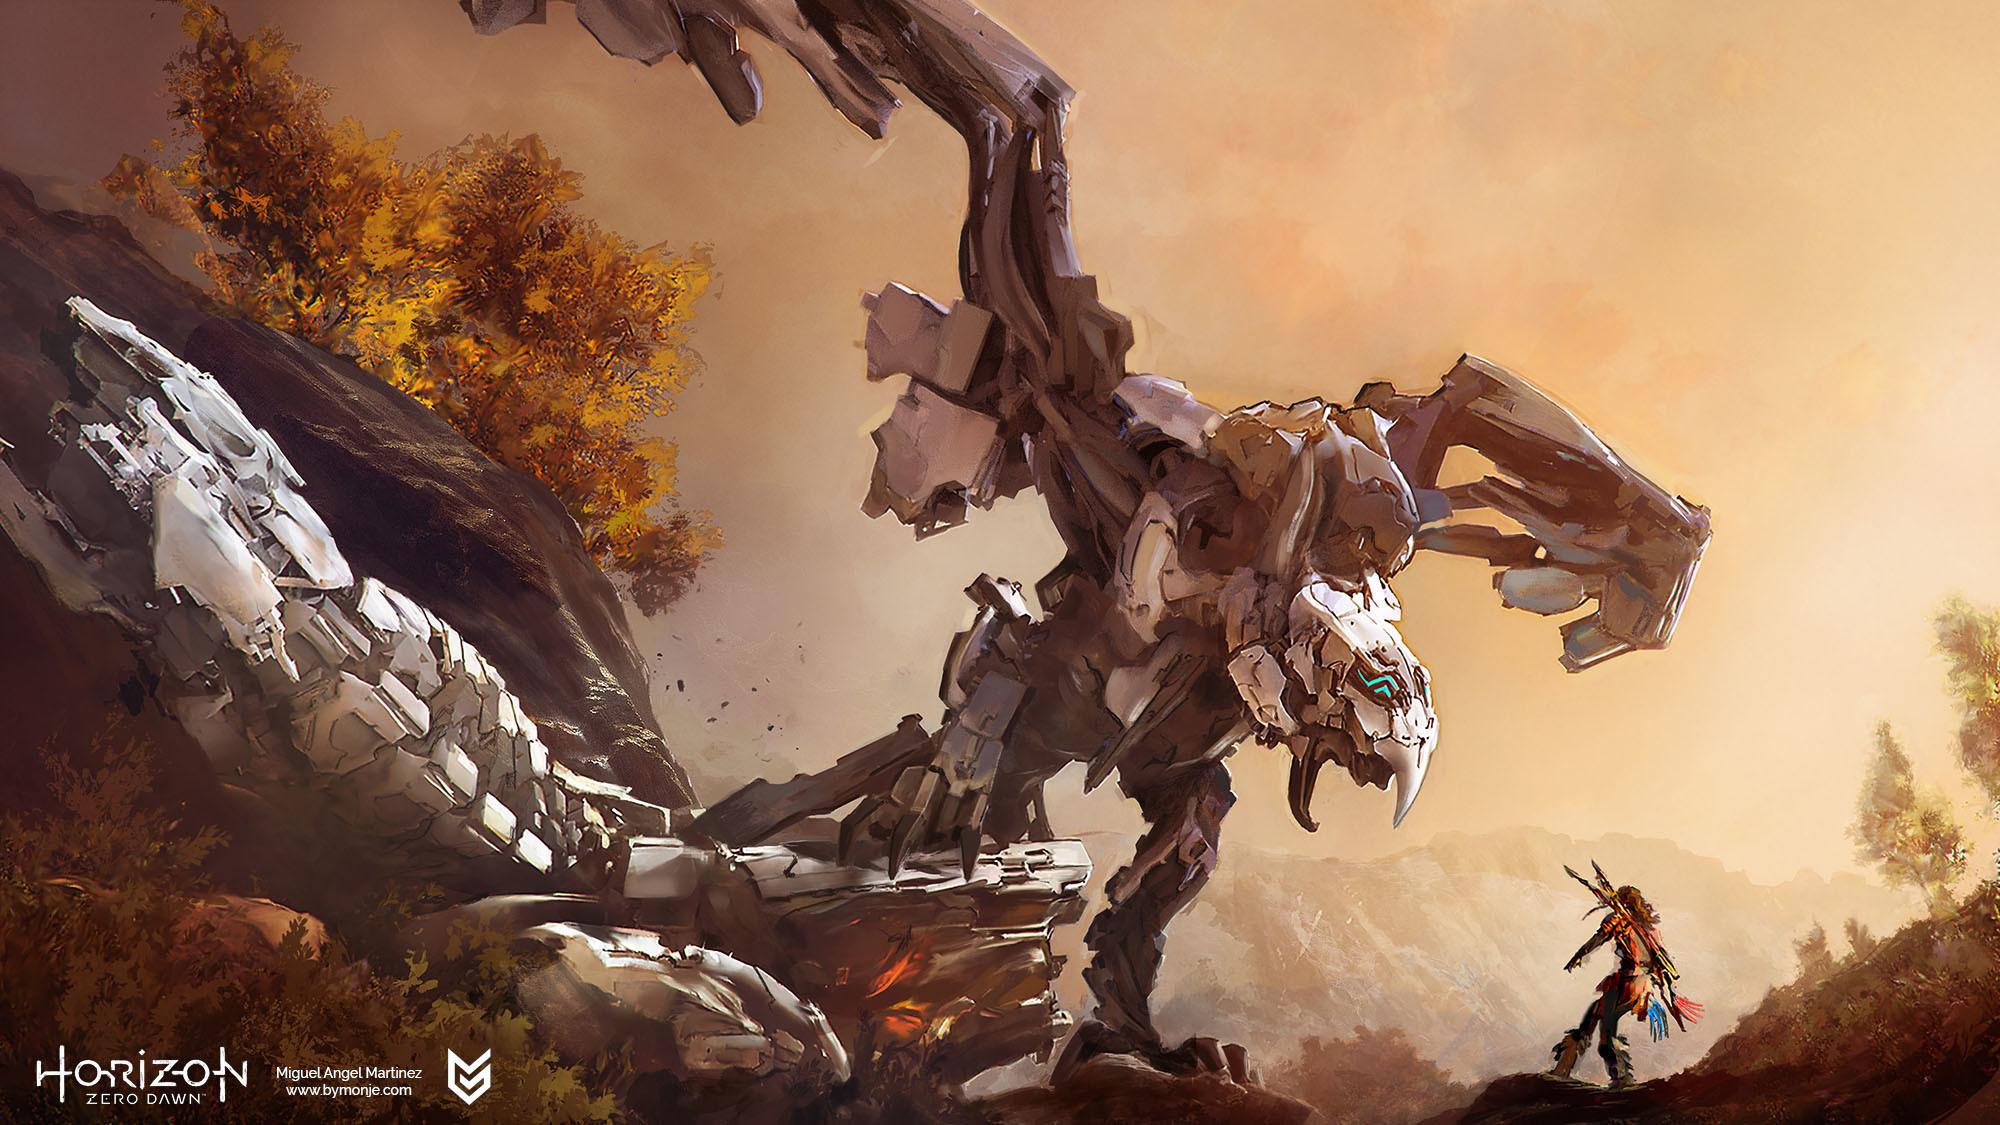 Horizon Zero Dawn Concept Art By Miguel Angel Martinez